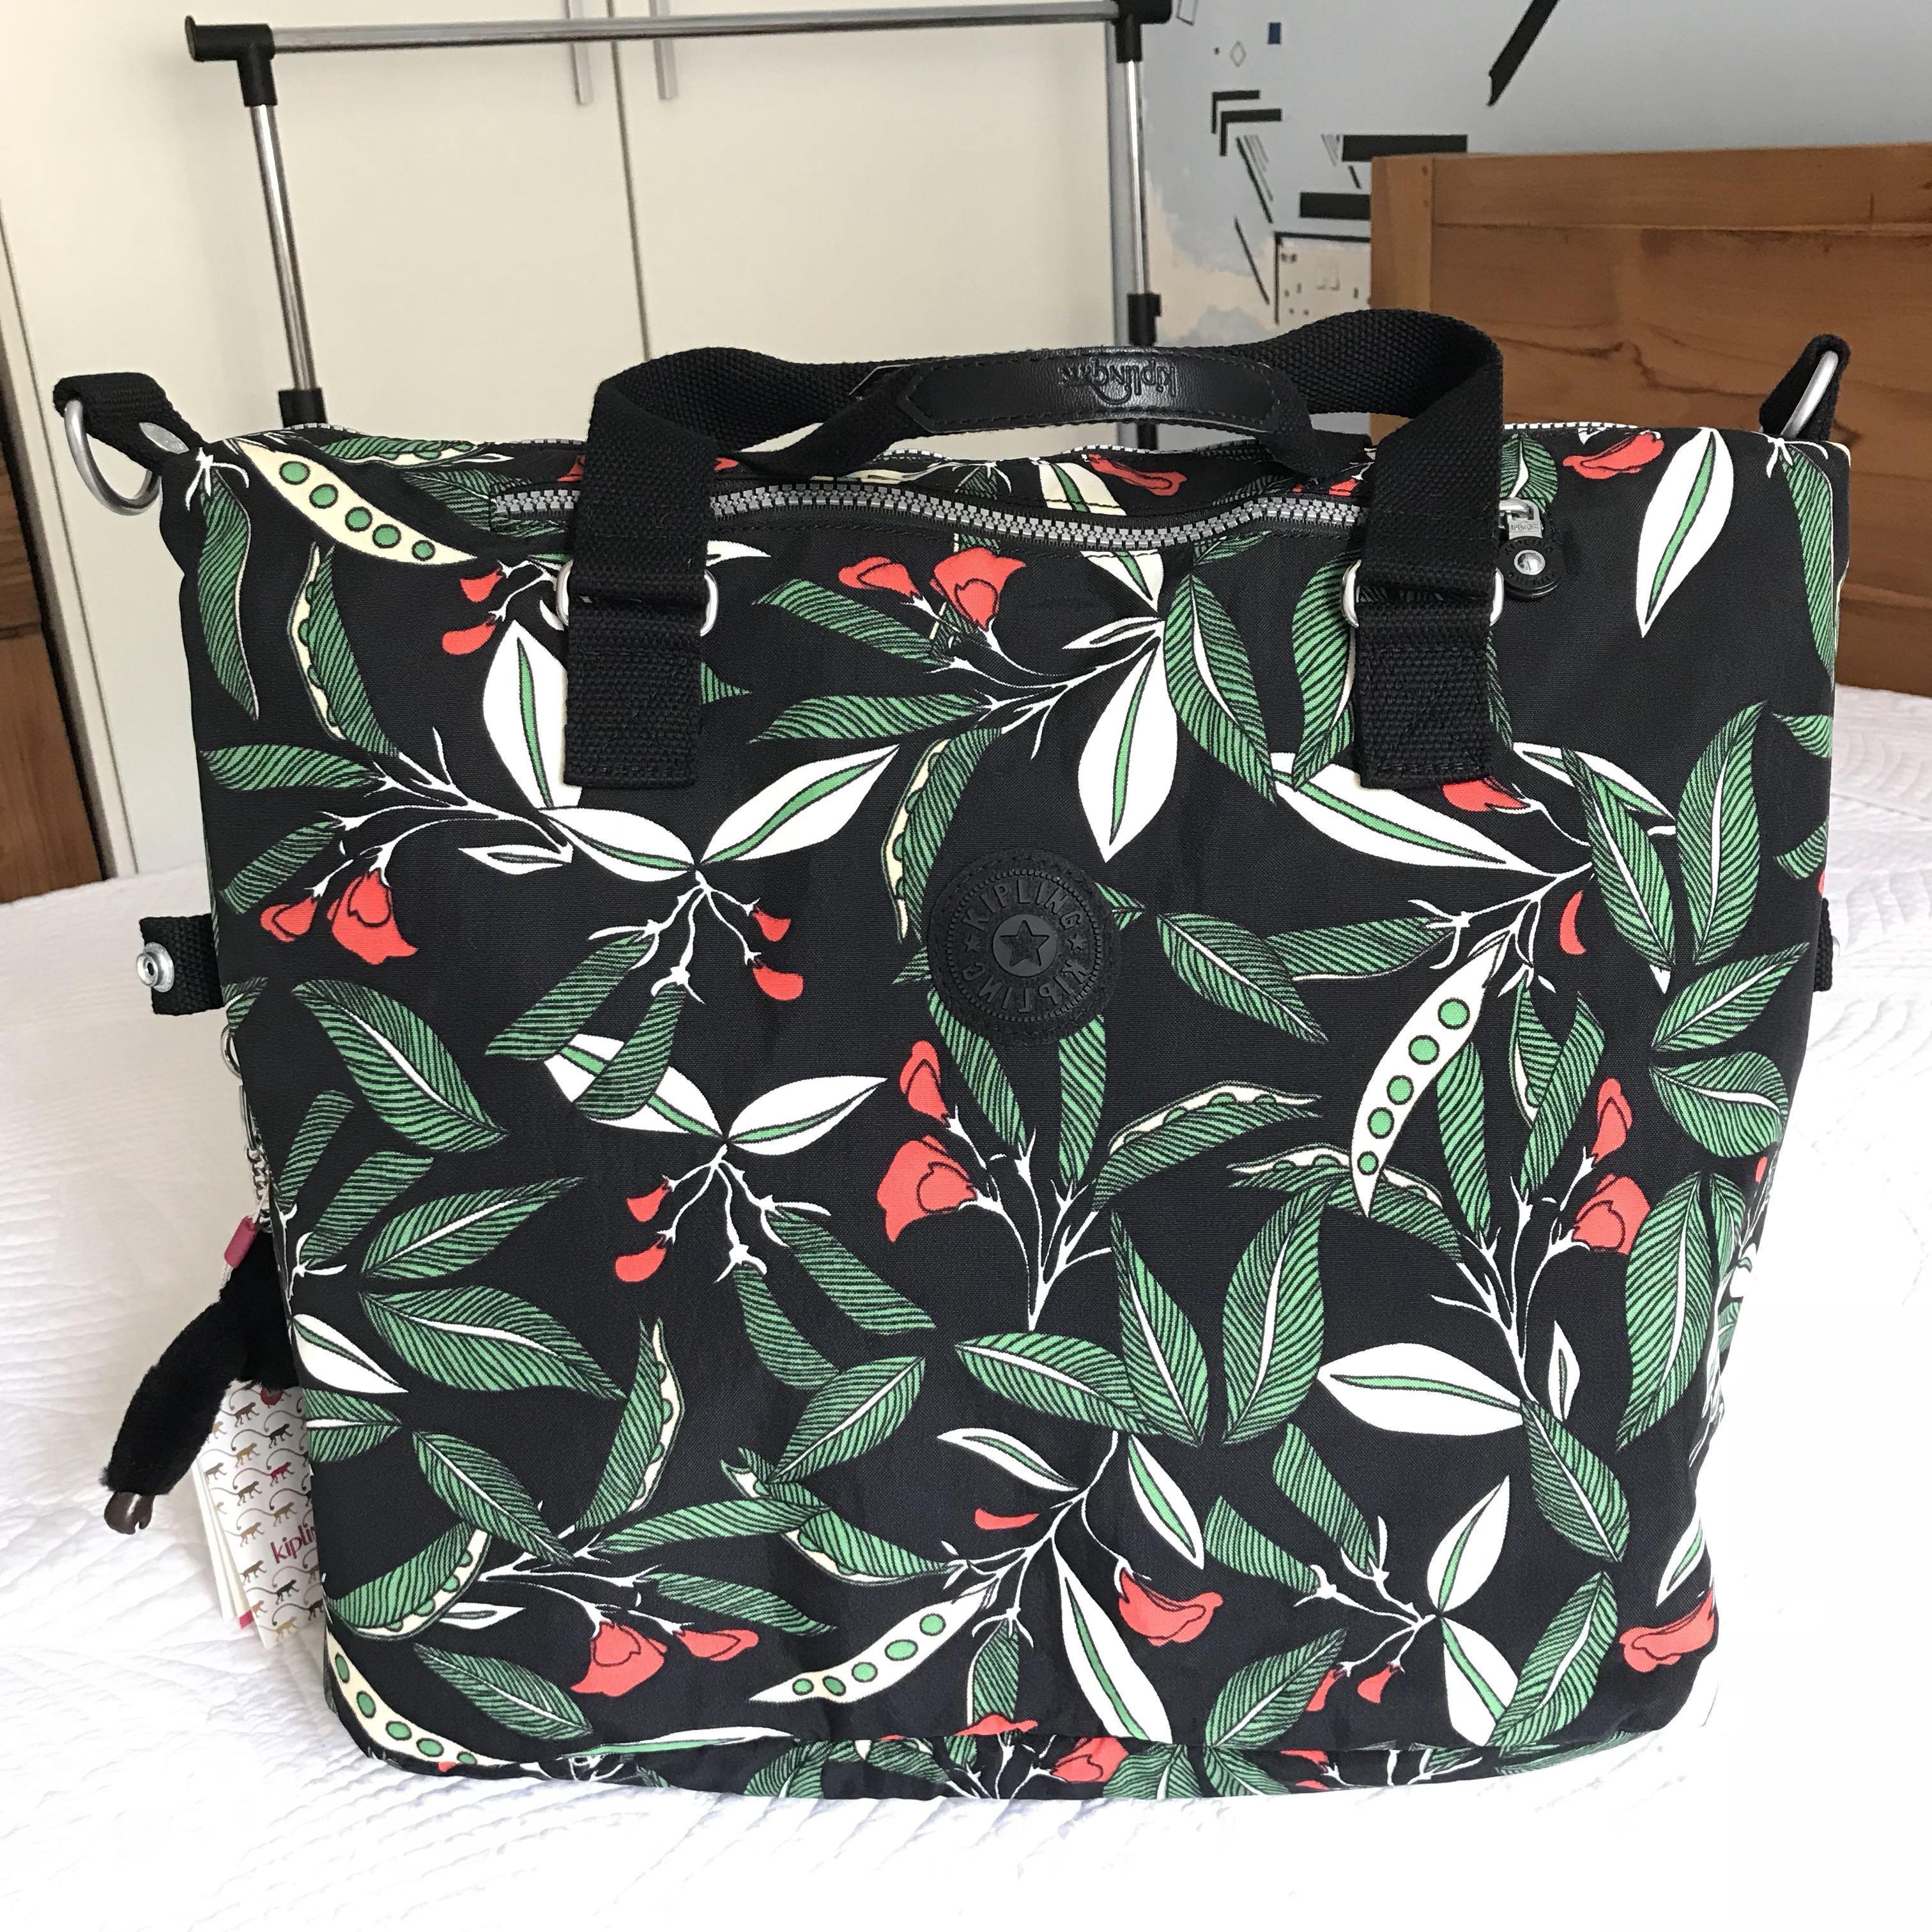 Inspired Kipling Large Overnight Bag